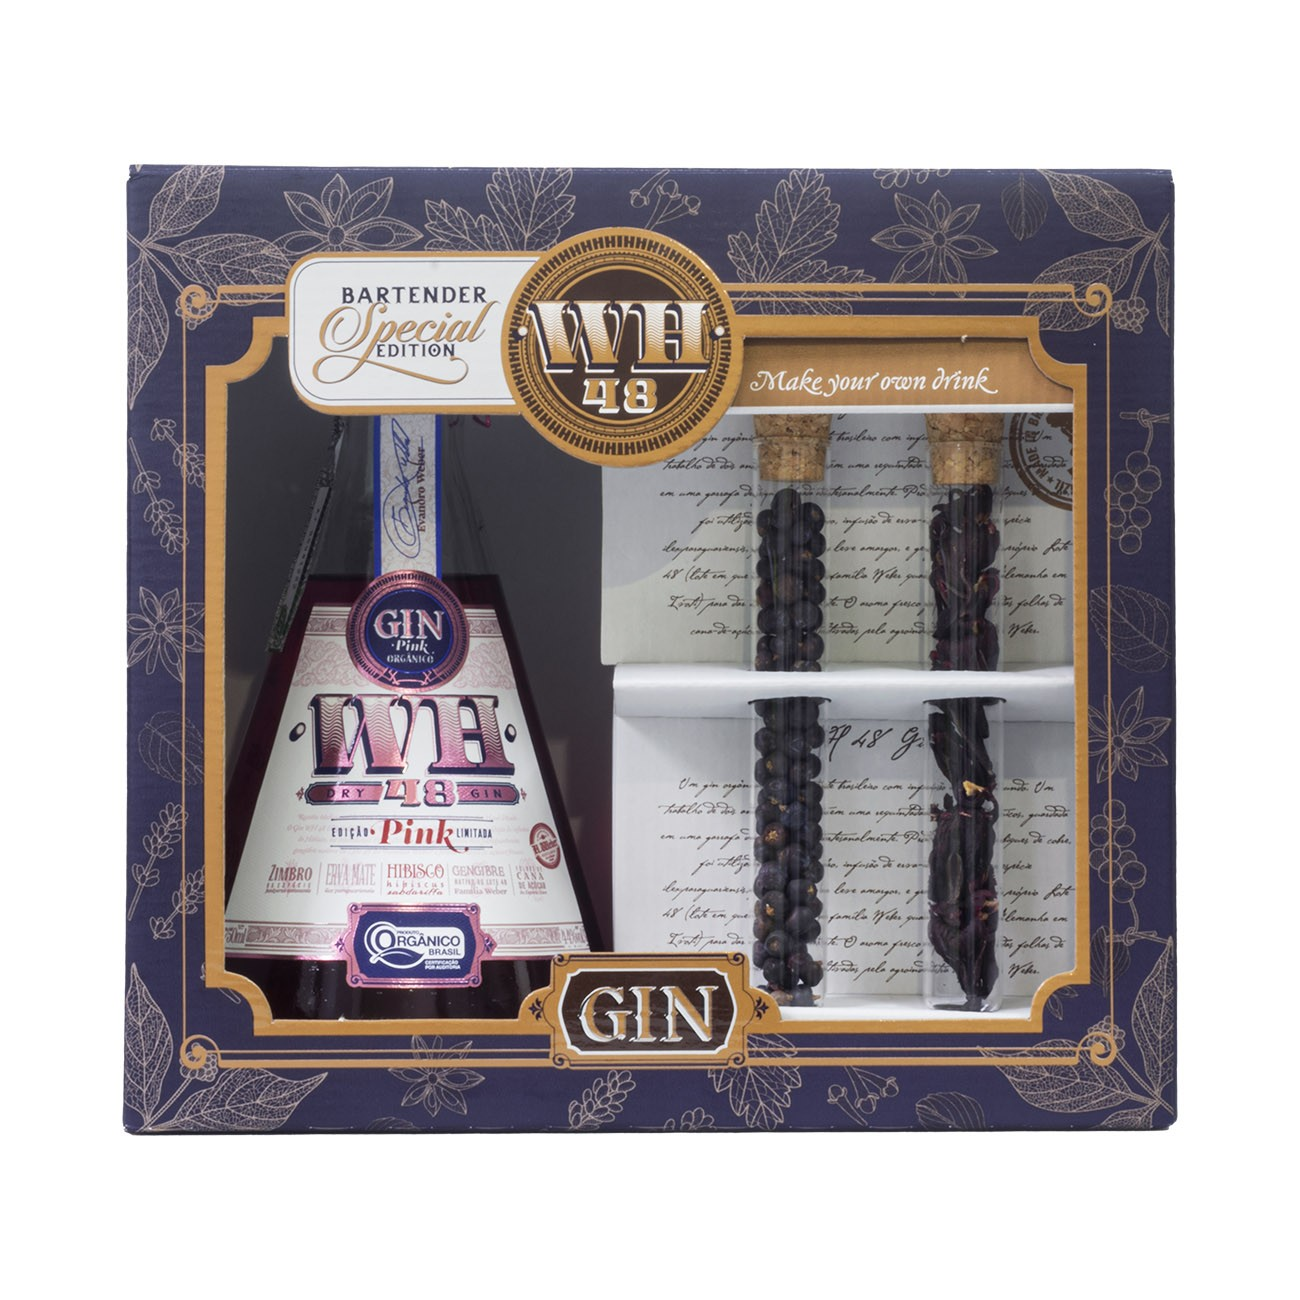 Kit de Gin WH48 Pink com 2 Tubos de especiarias